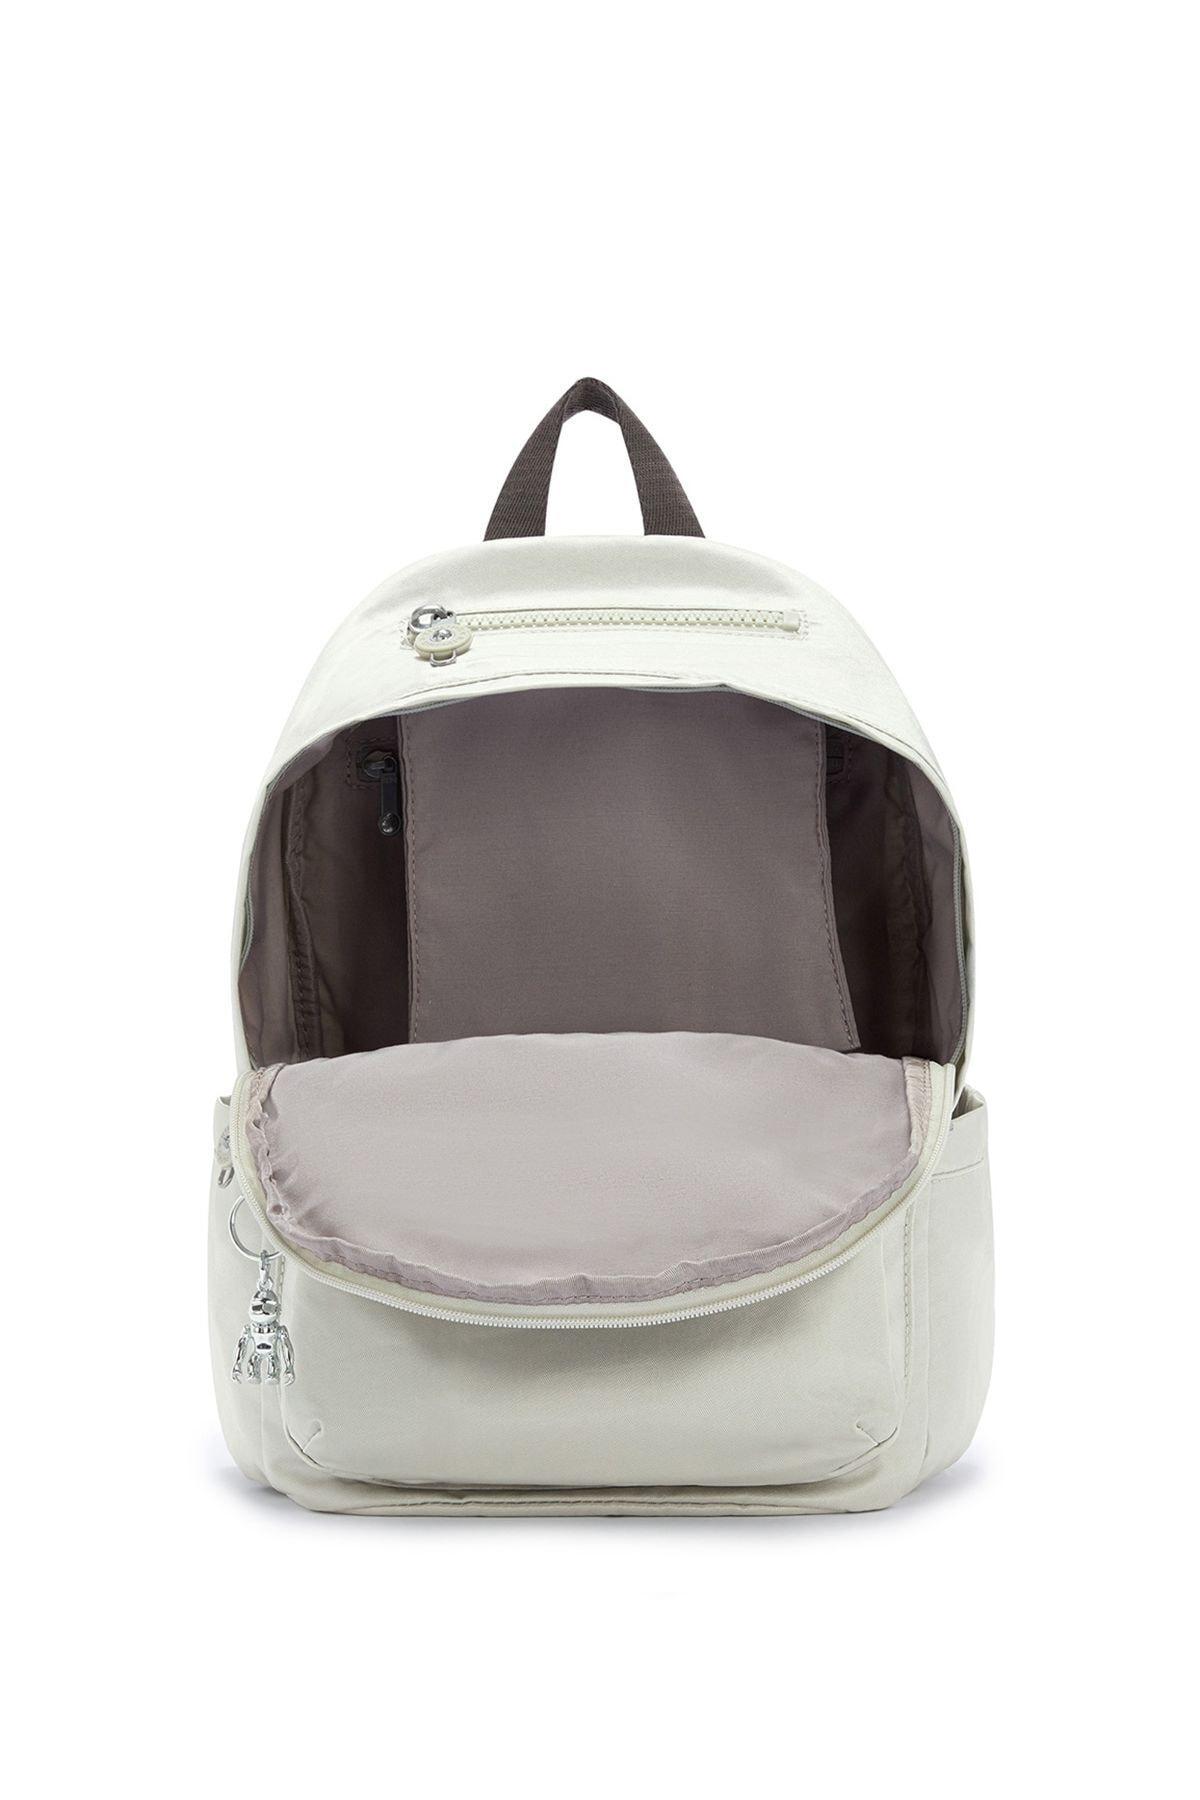 Kipling Unisex Gümüş Delia Basic Plus Sırt Çantası Kı5695 2